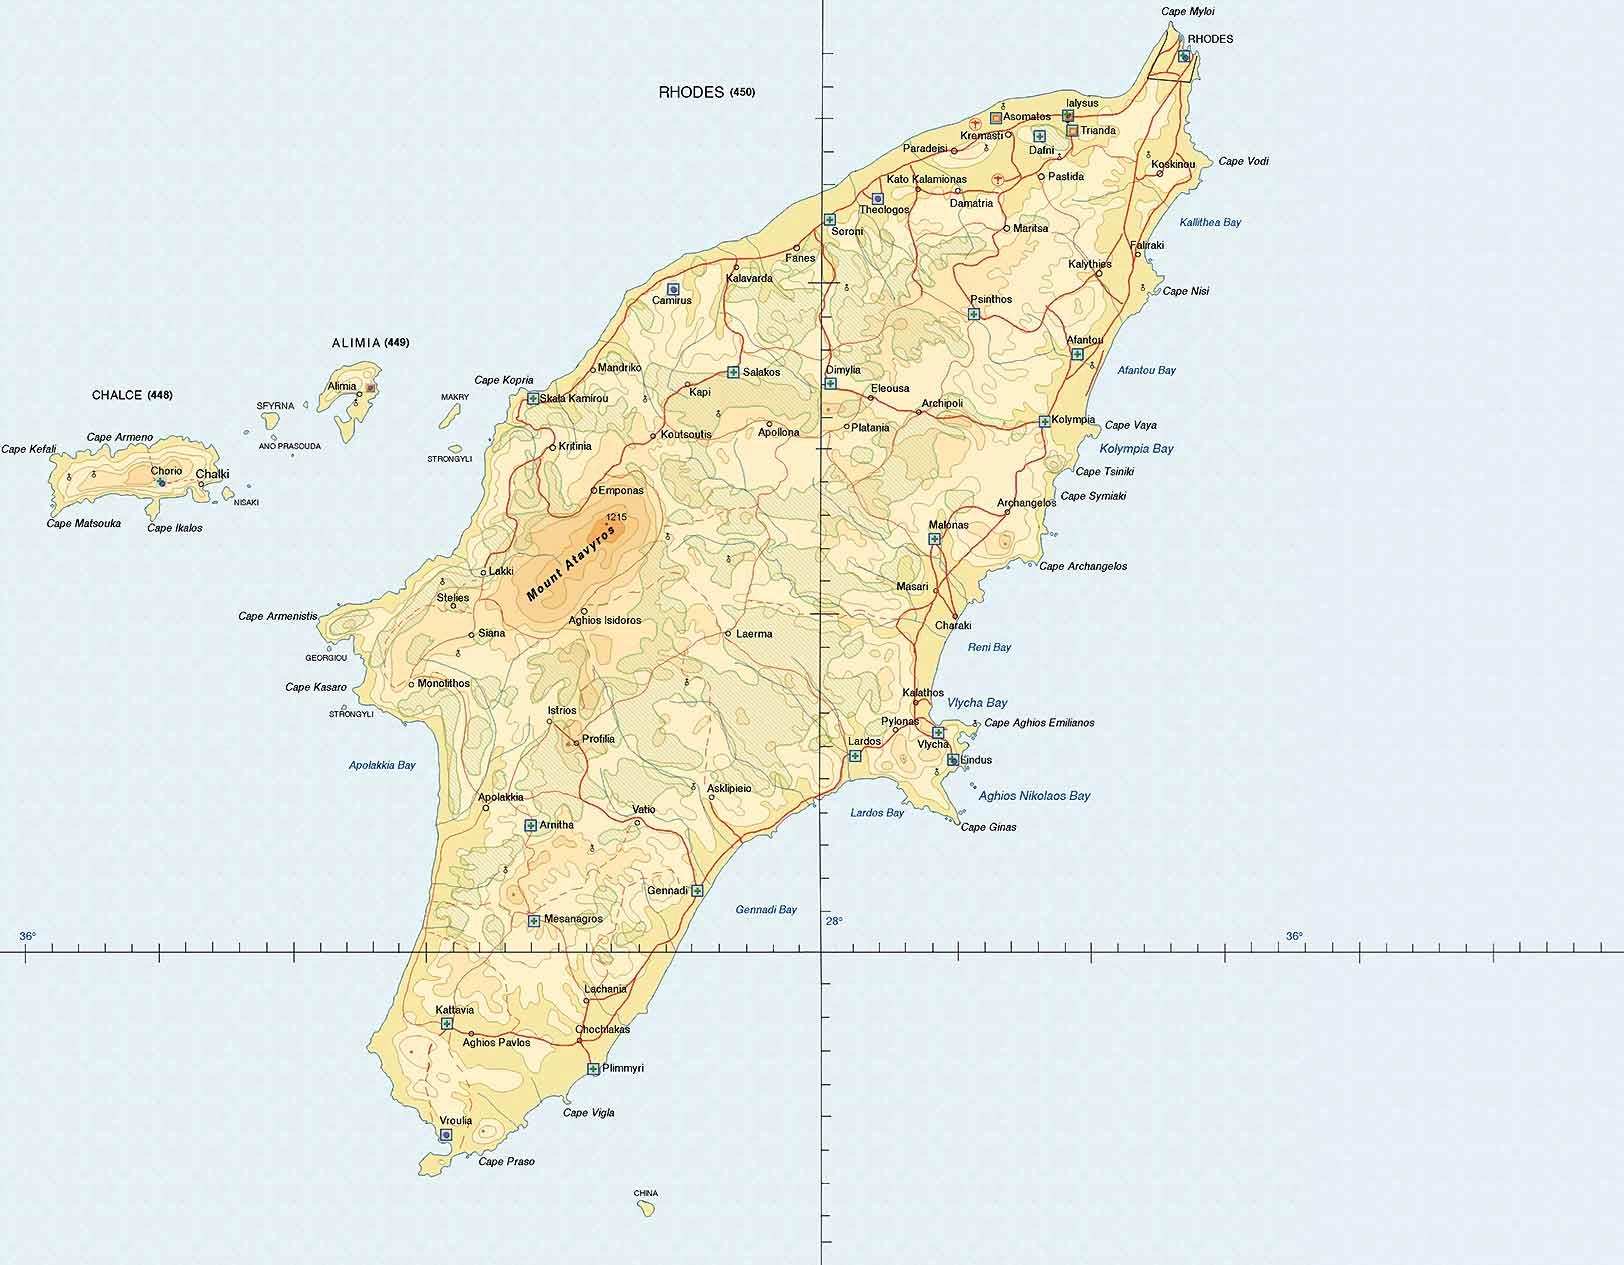 L'île de Rhodes en mer Égée